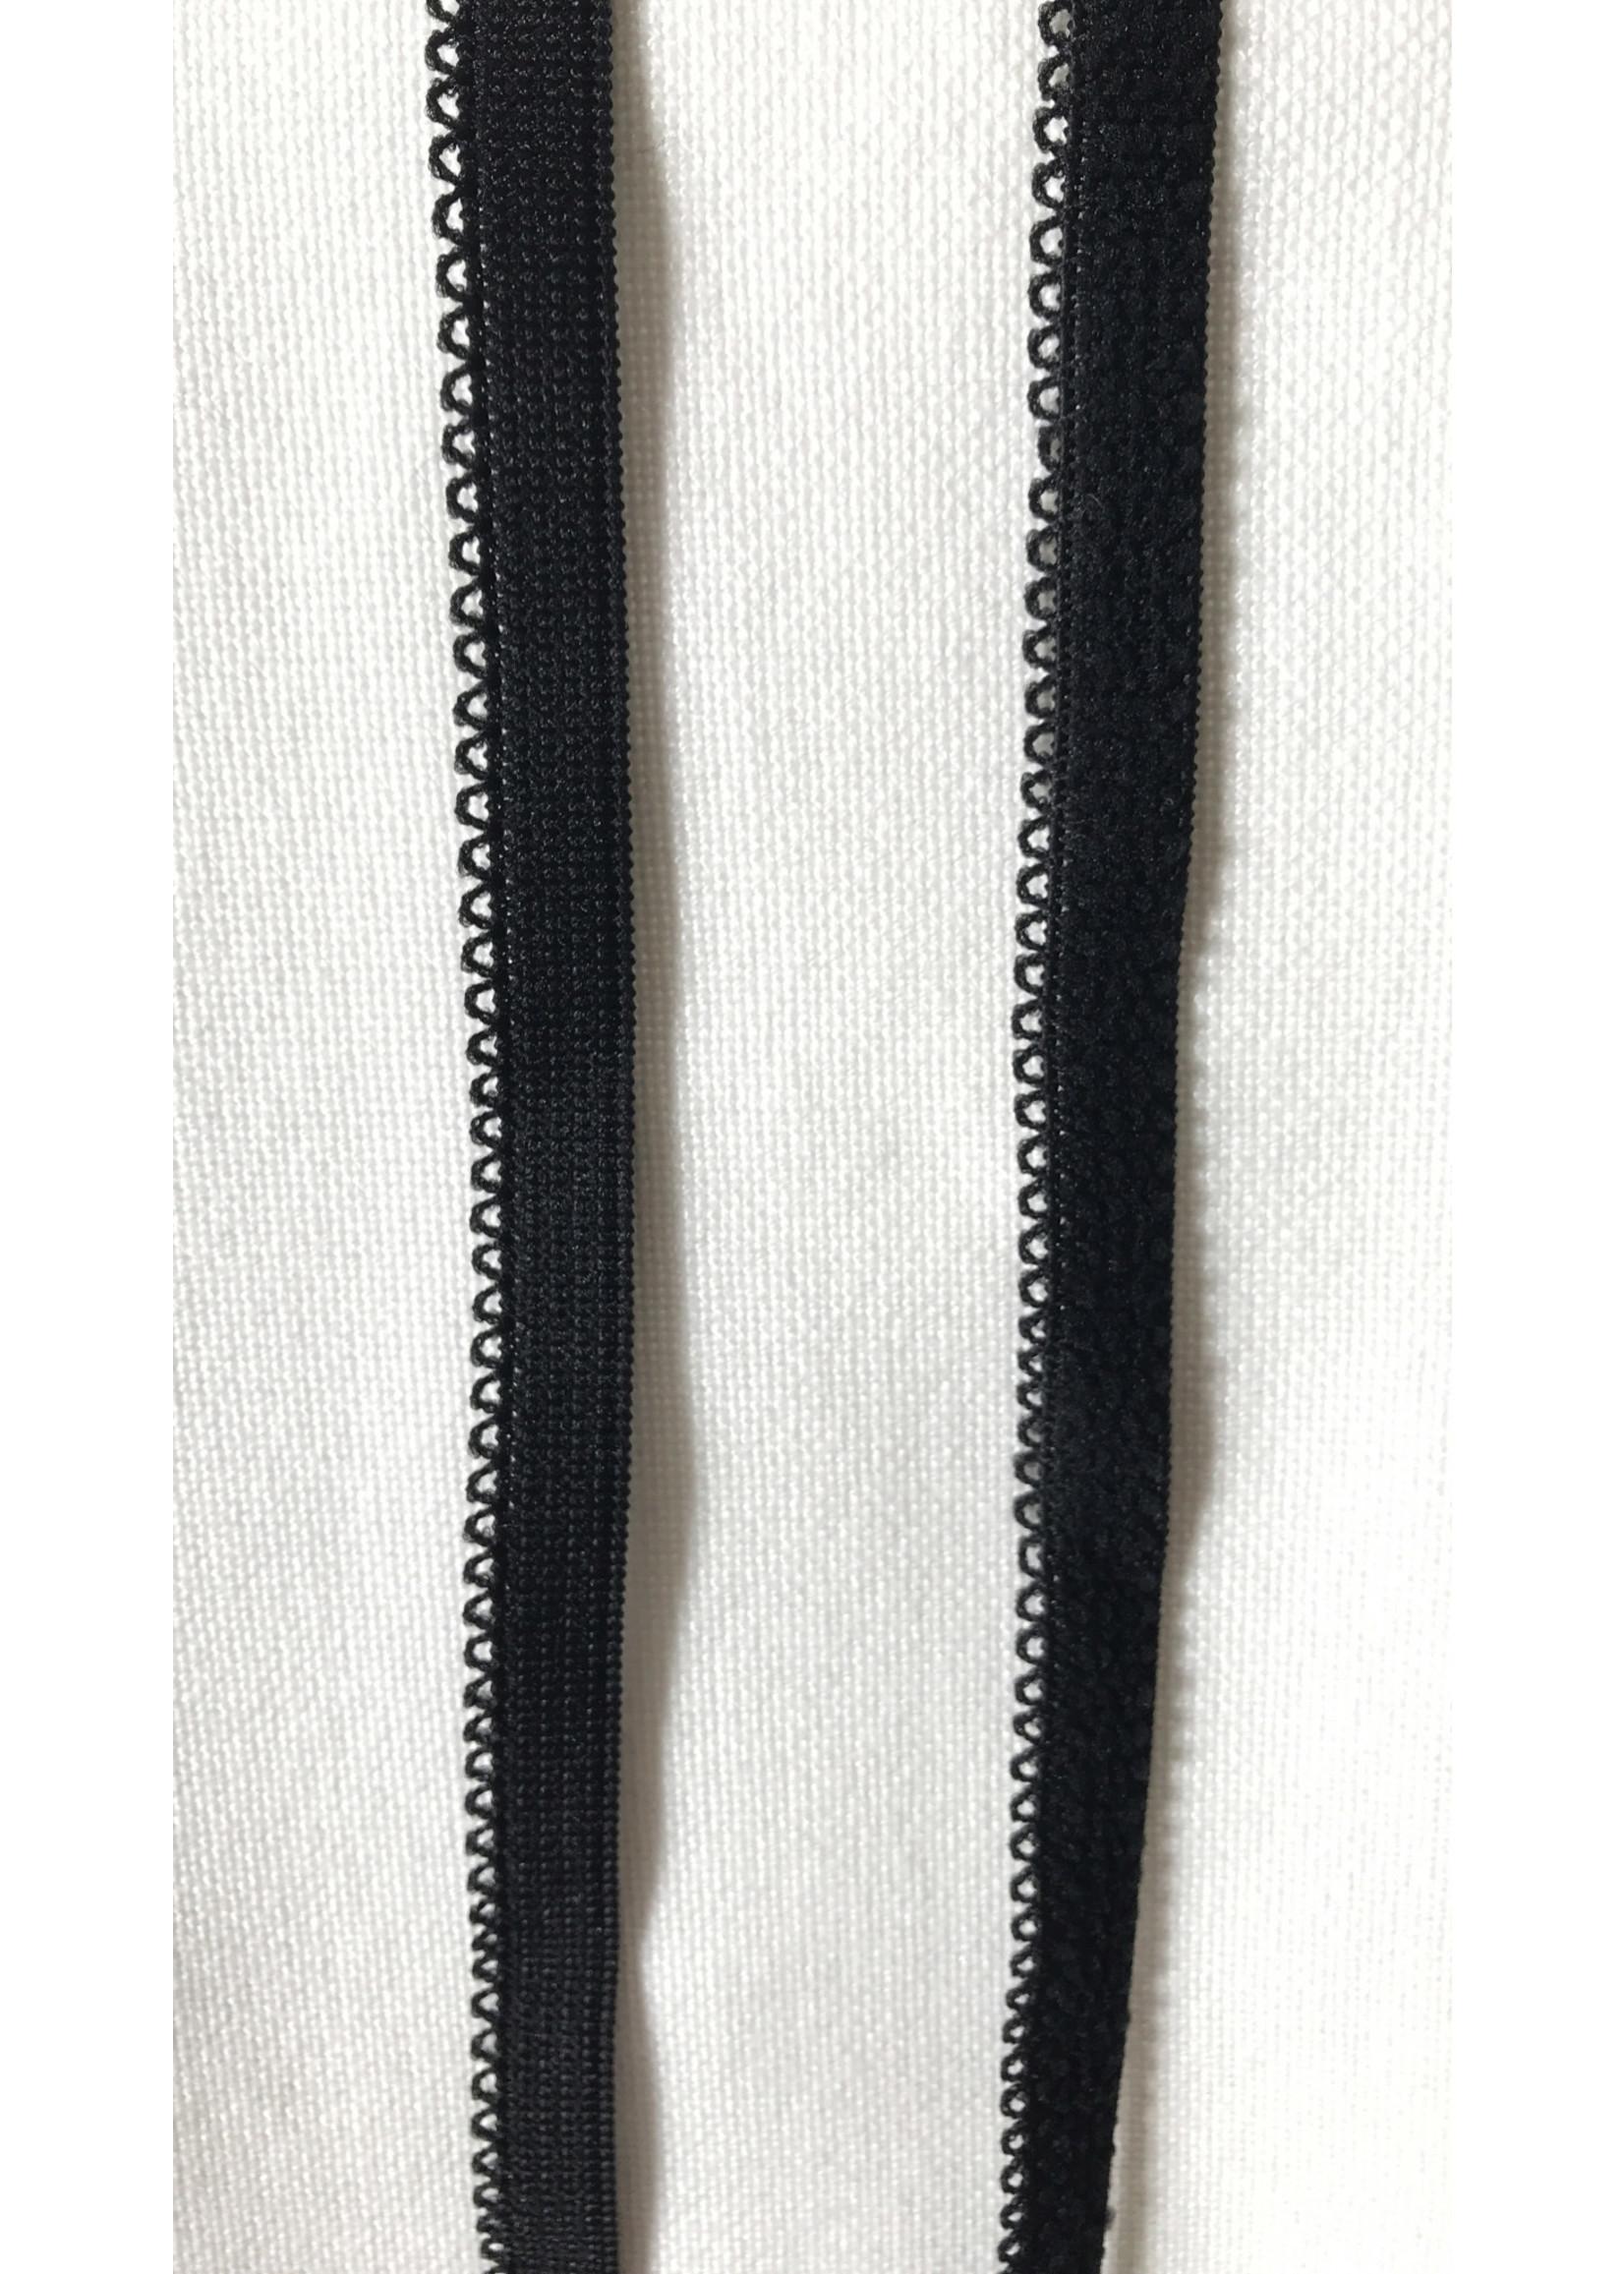 Élastique noir - 10 mm - Dentelé - 1 mètre